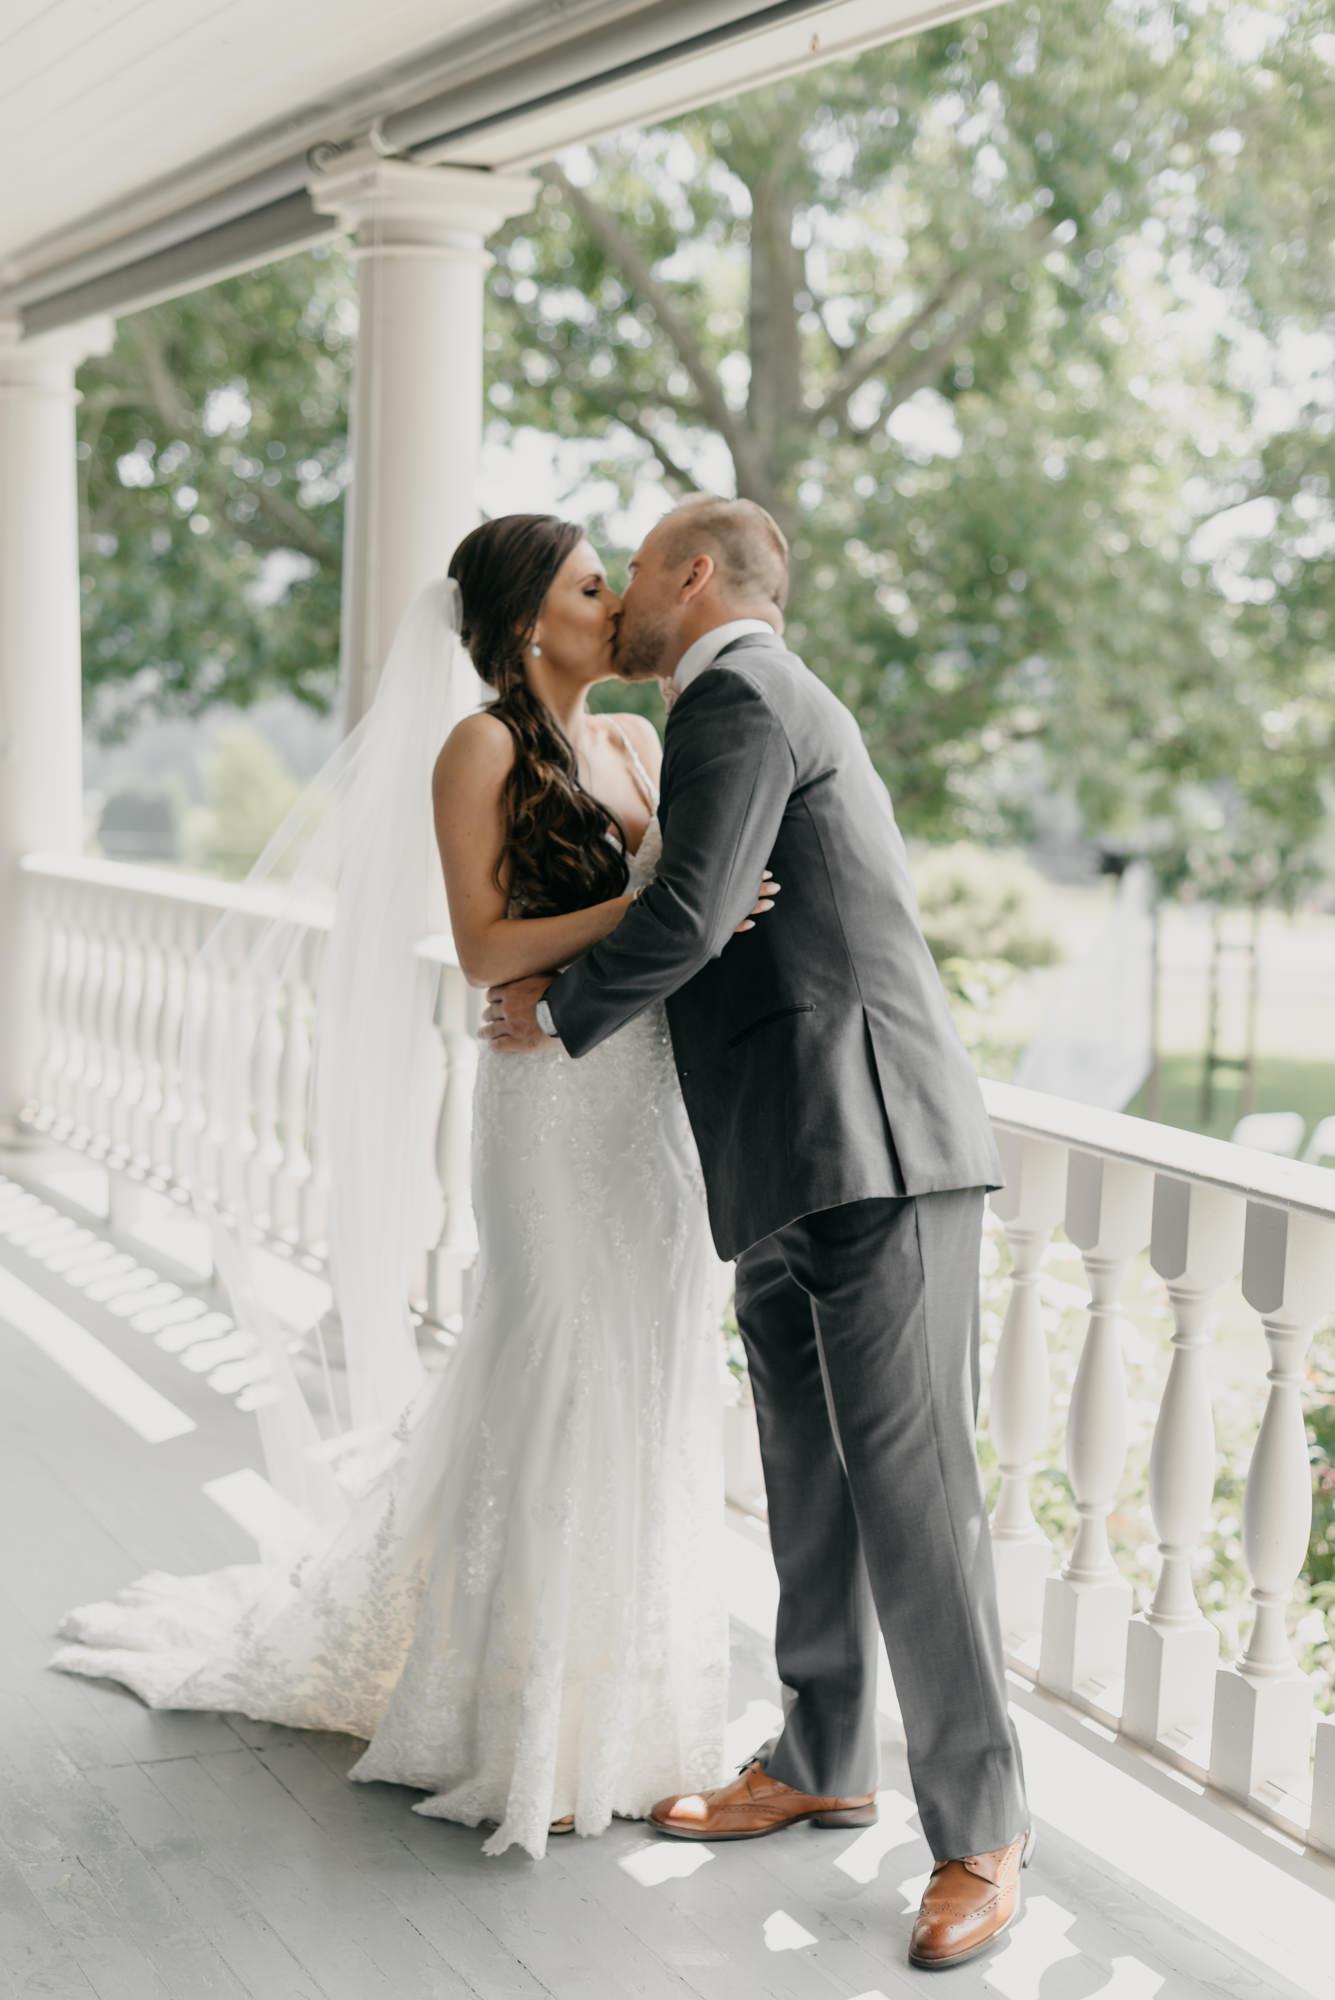 59-first-look-barn-kestrel-wedding-lake-oswego-wedding.jpg